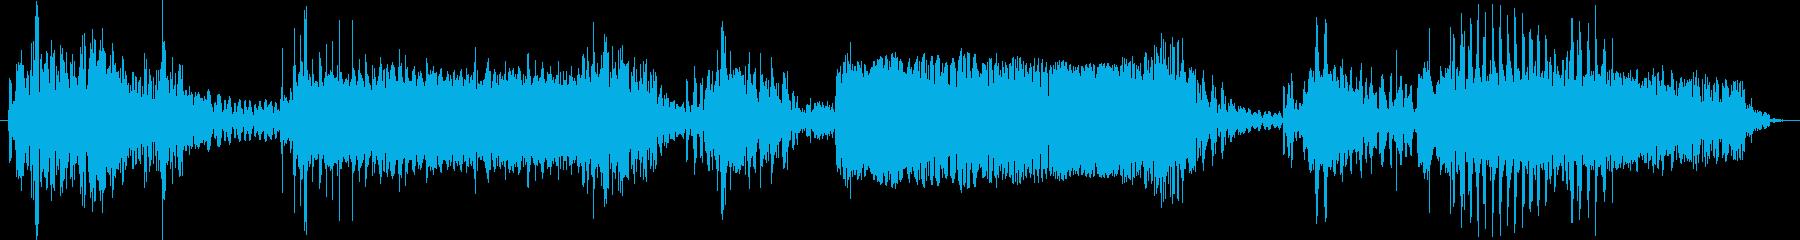 ズクジャラズクジャラ (戦闘開始音)の再生済みの波形